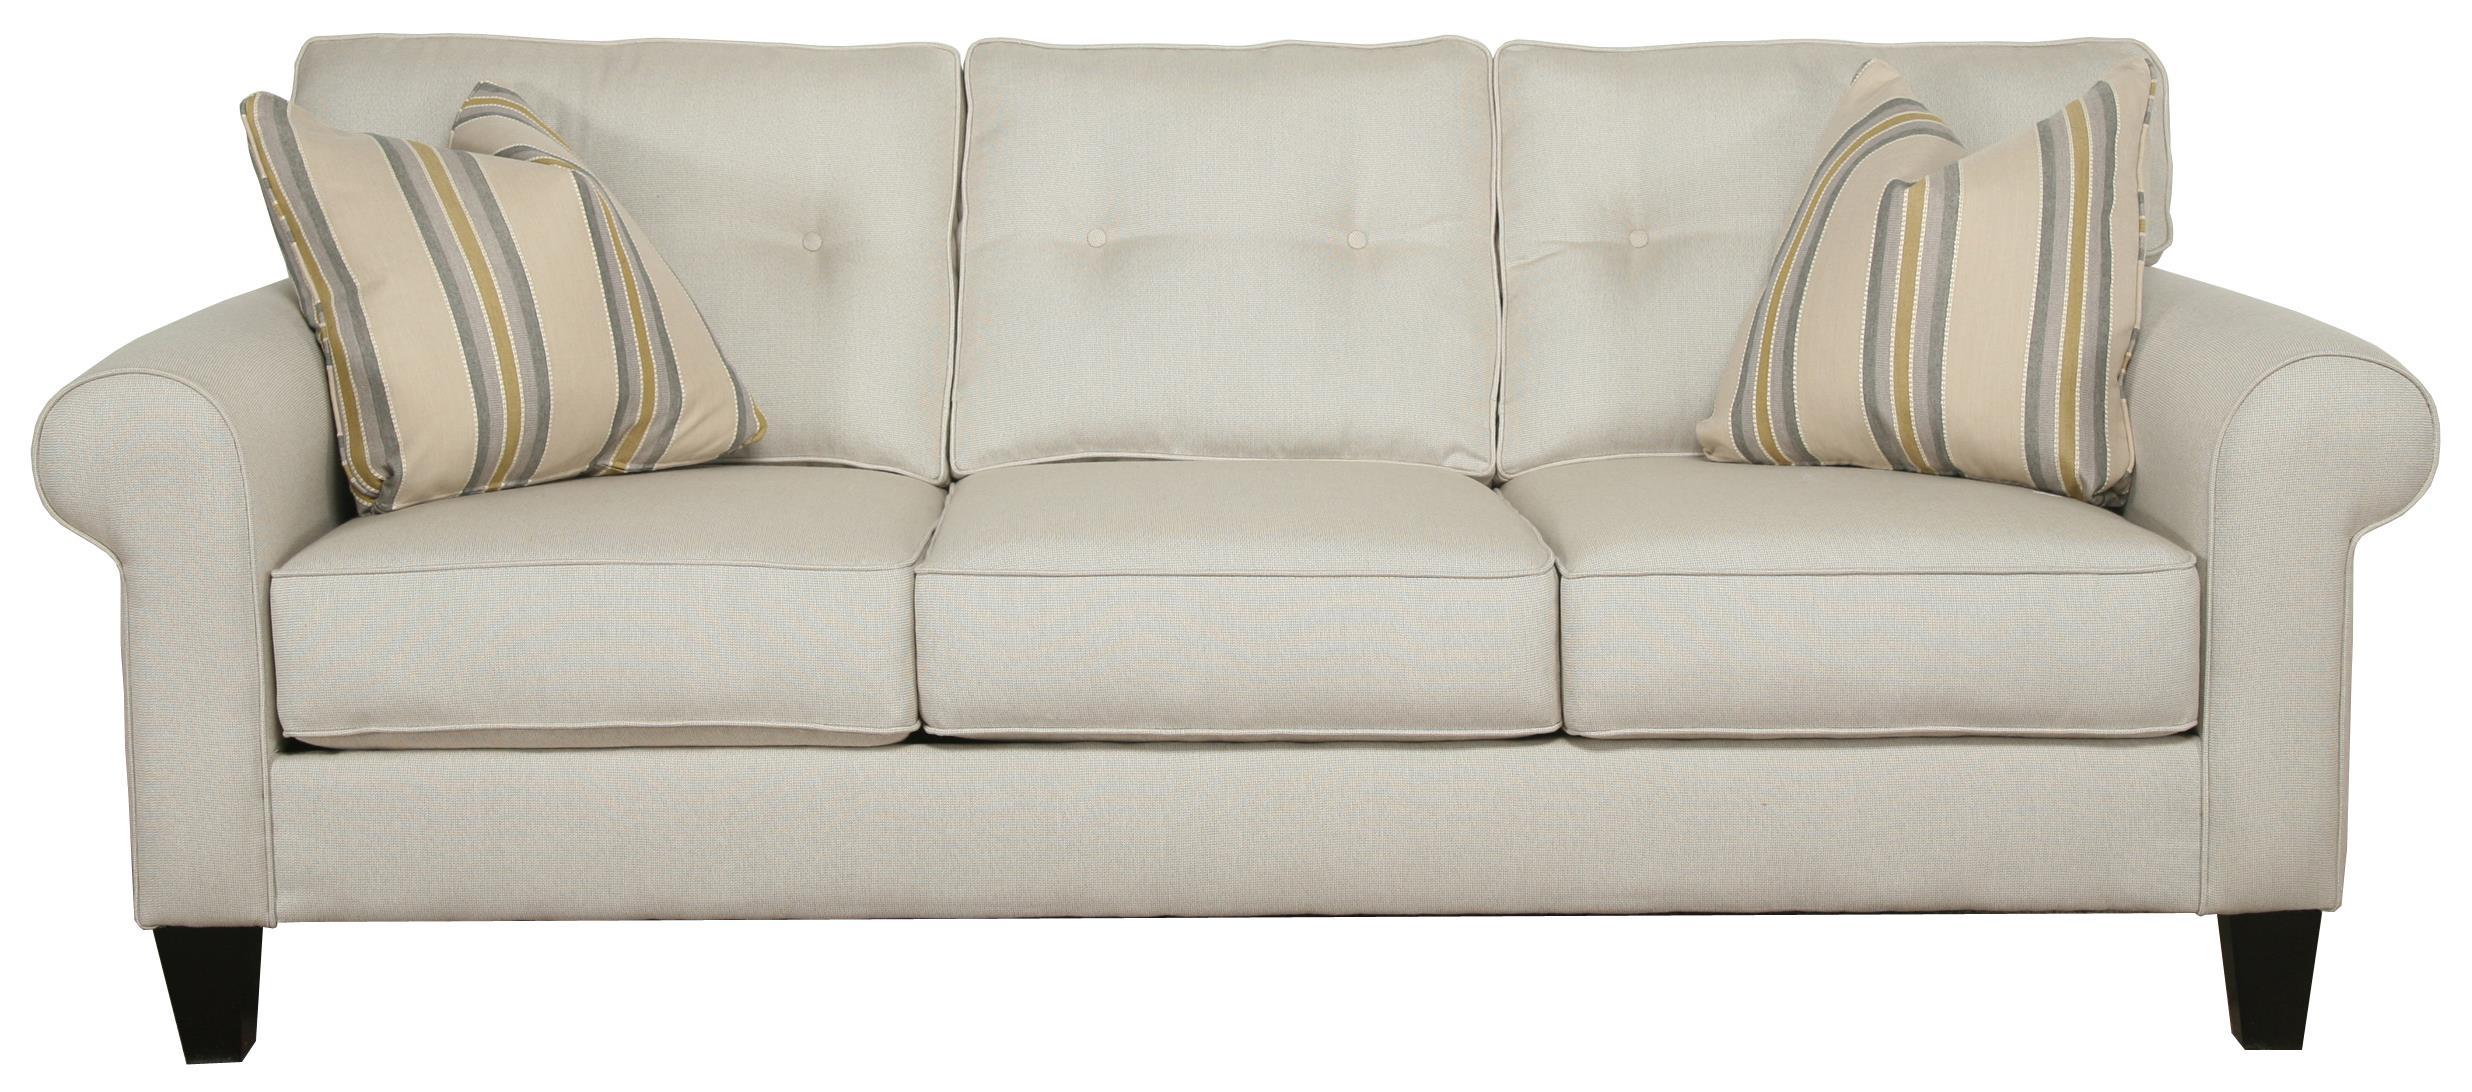 Bauhaus 641 Contemporary Sofa